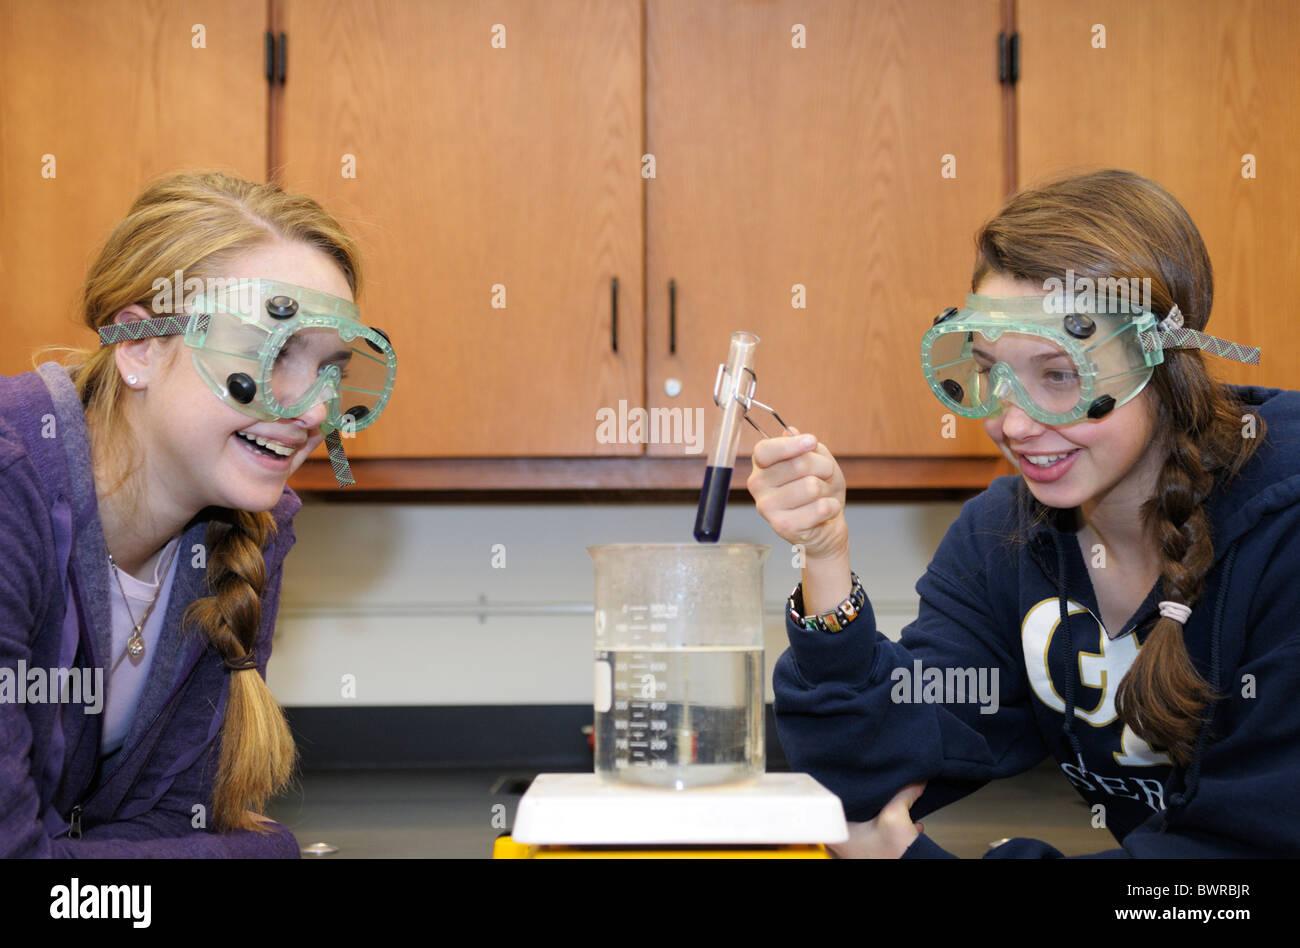 Les élèves portant des lunettes de sécurité tout en faisant une expérience scientifique Photo Stock